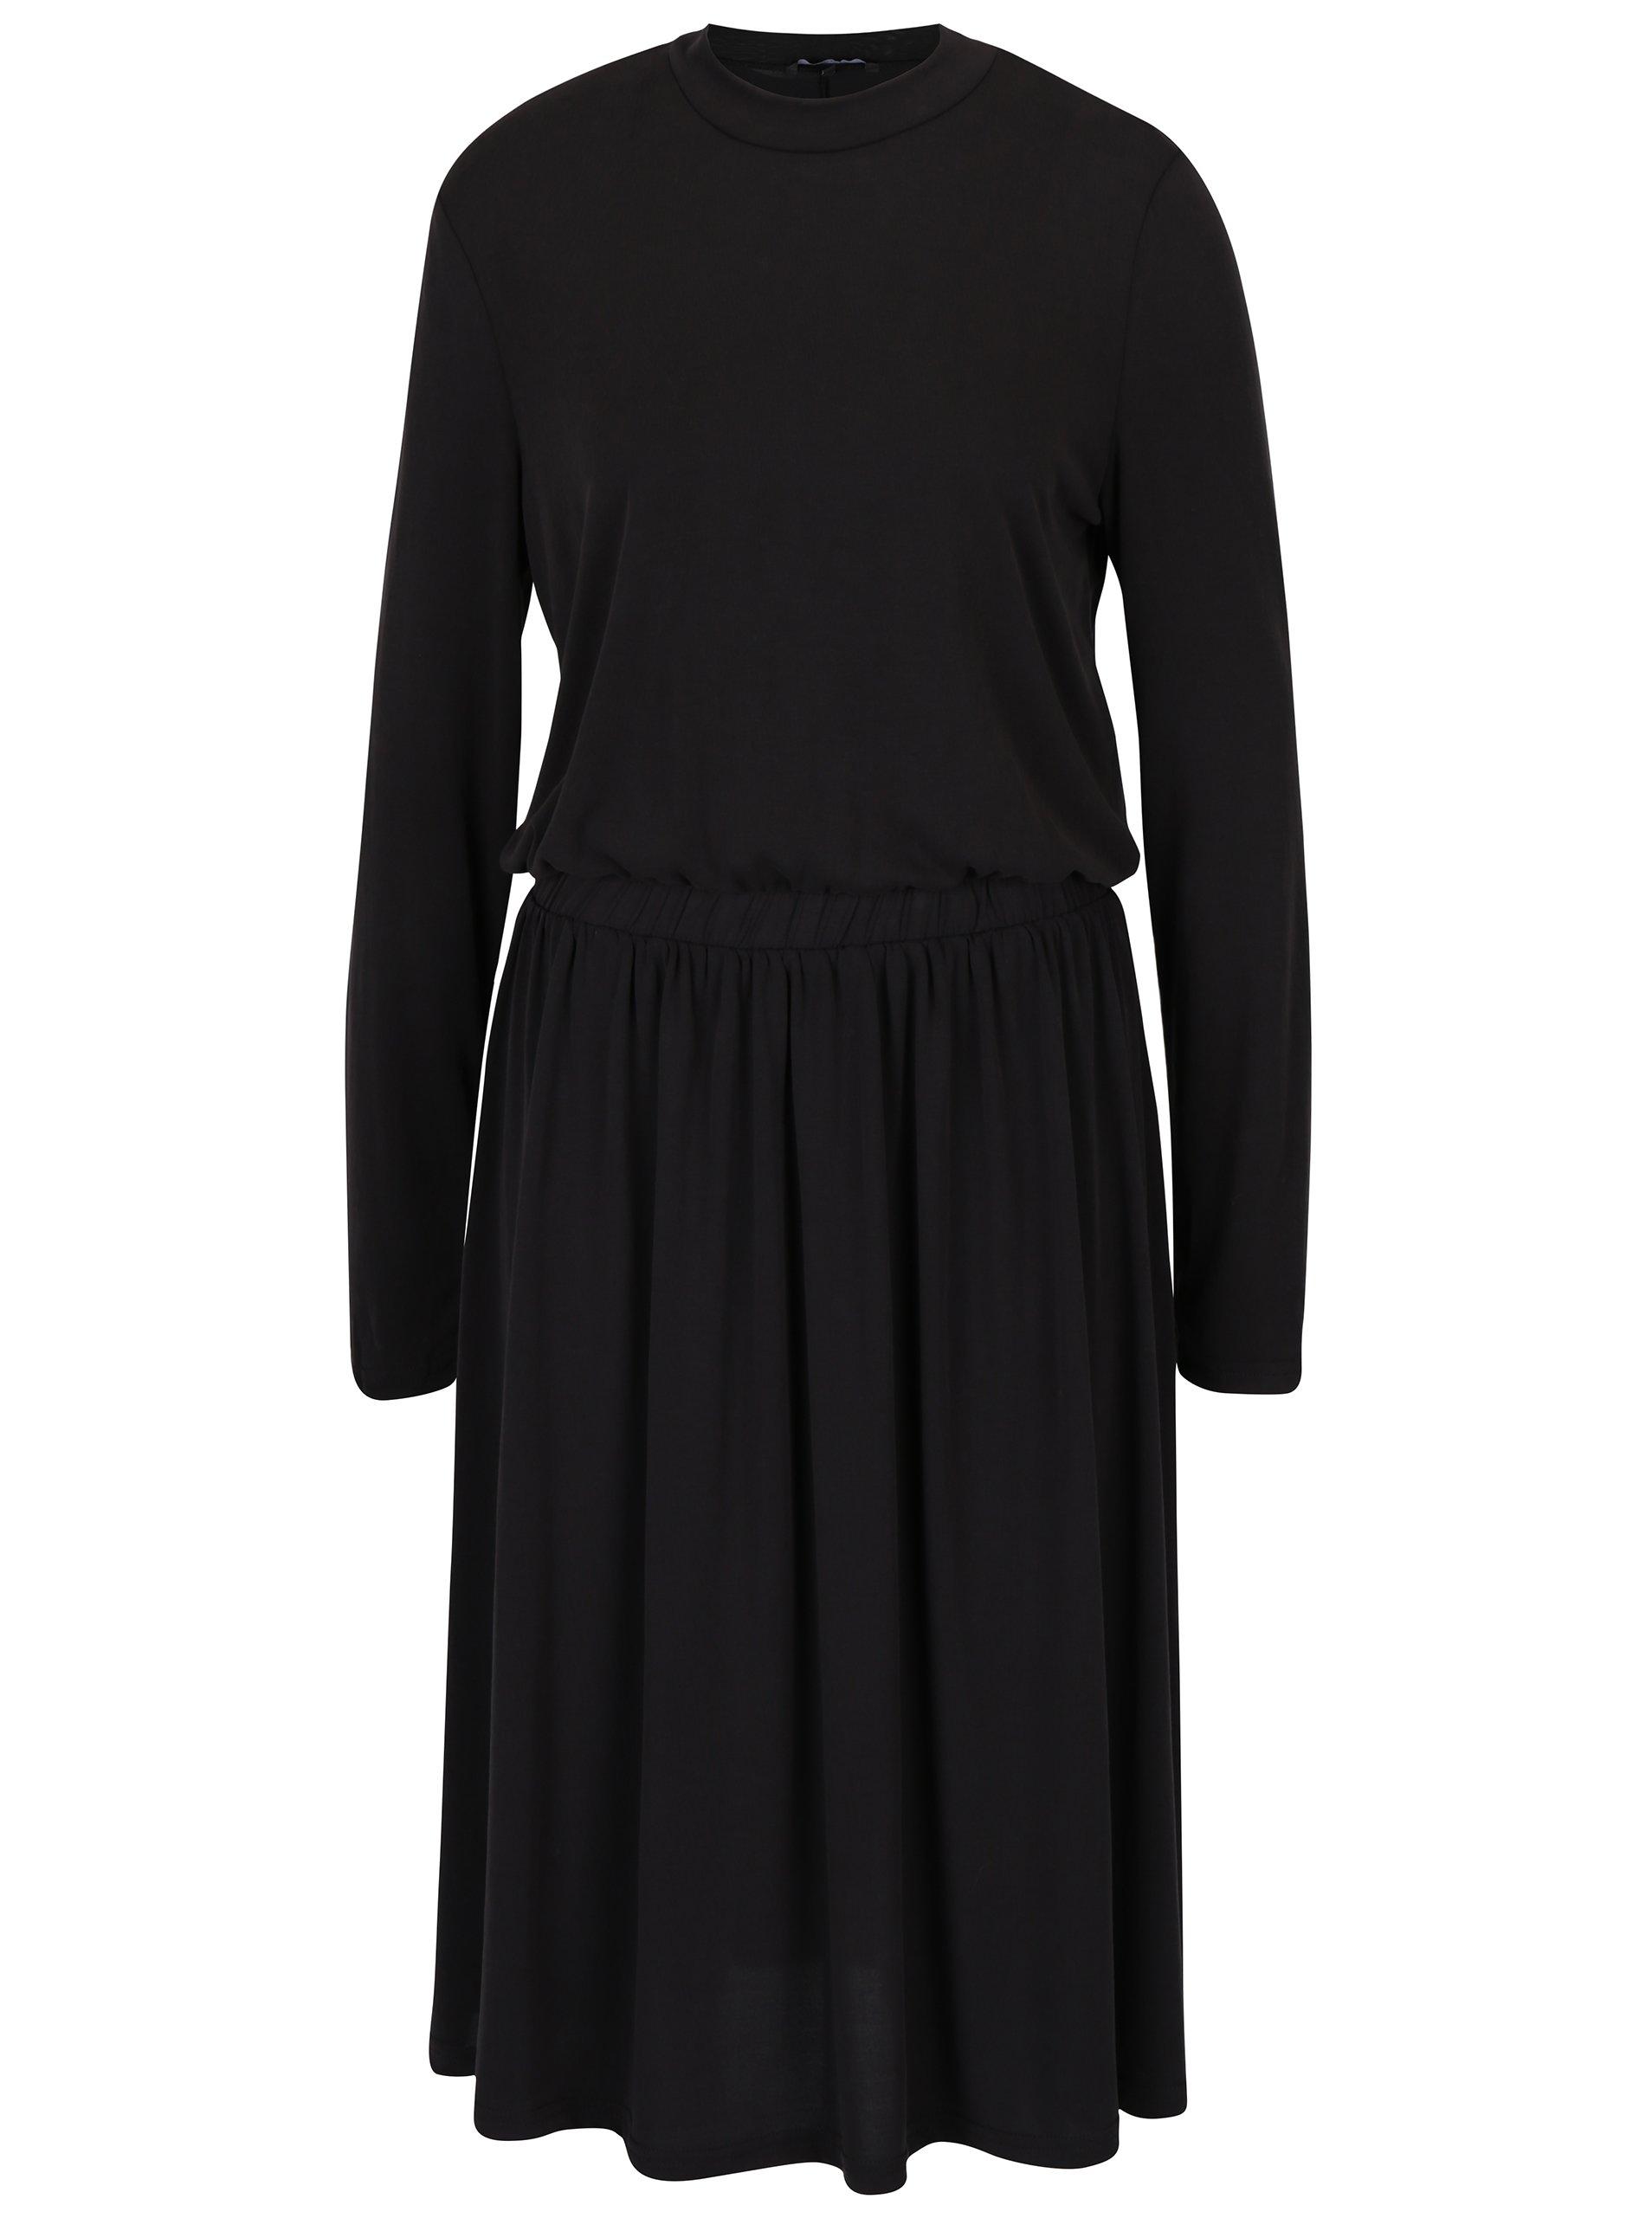 Černé šaty s dlouhým rukávem VERO MODA Metti